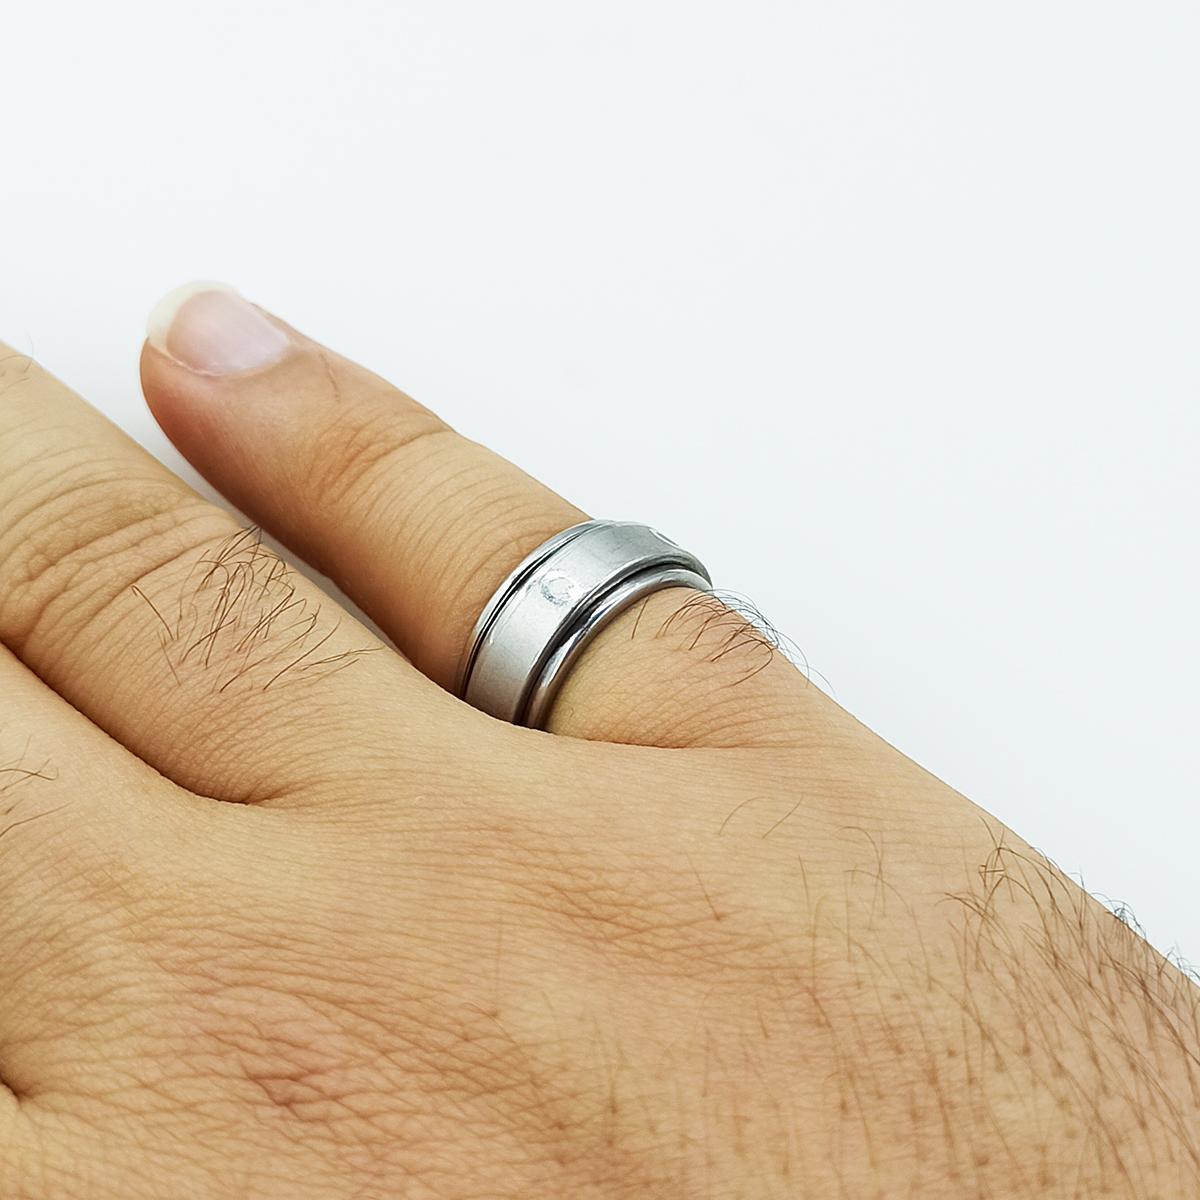 انگشتر زنانه سلین کالا مدل حلقه ce-As18